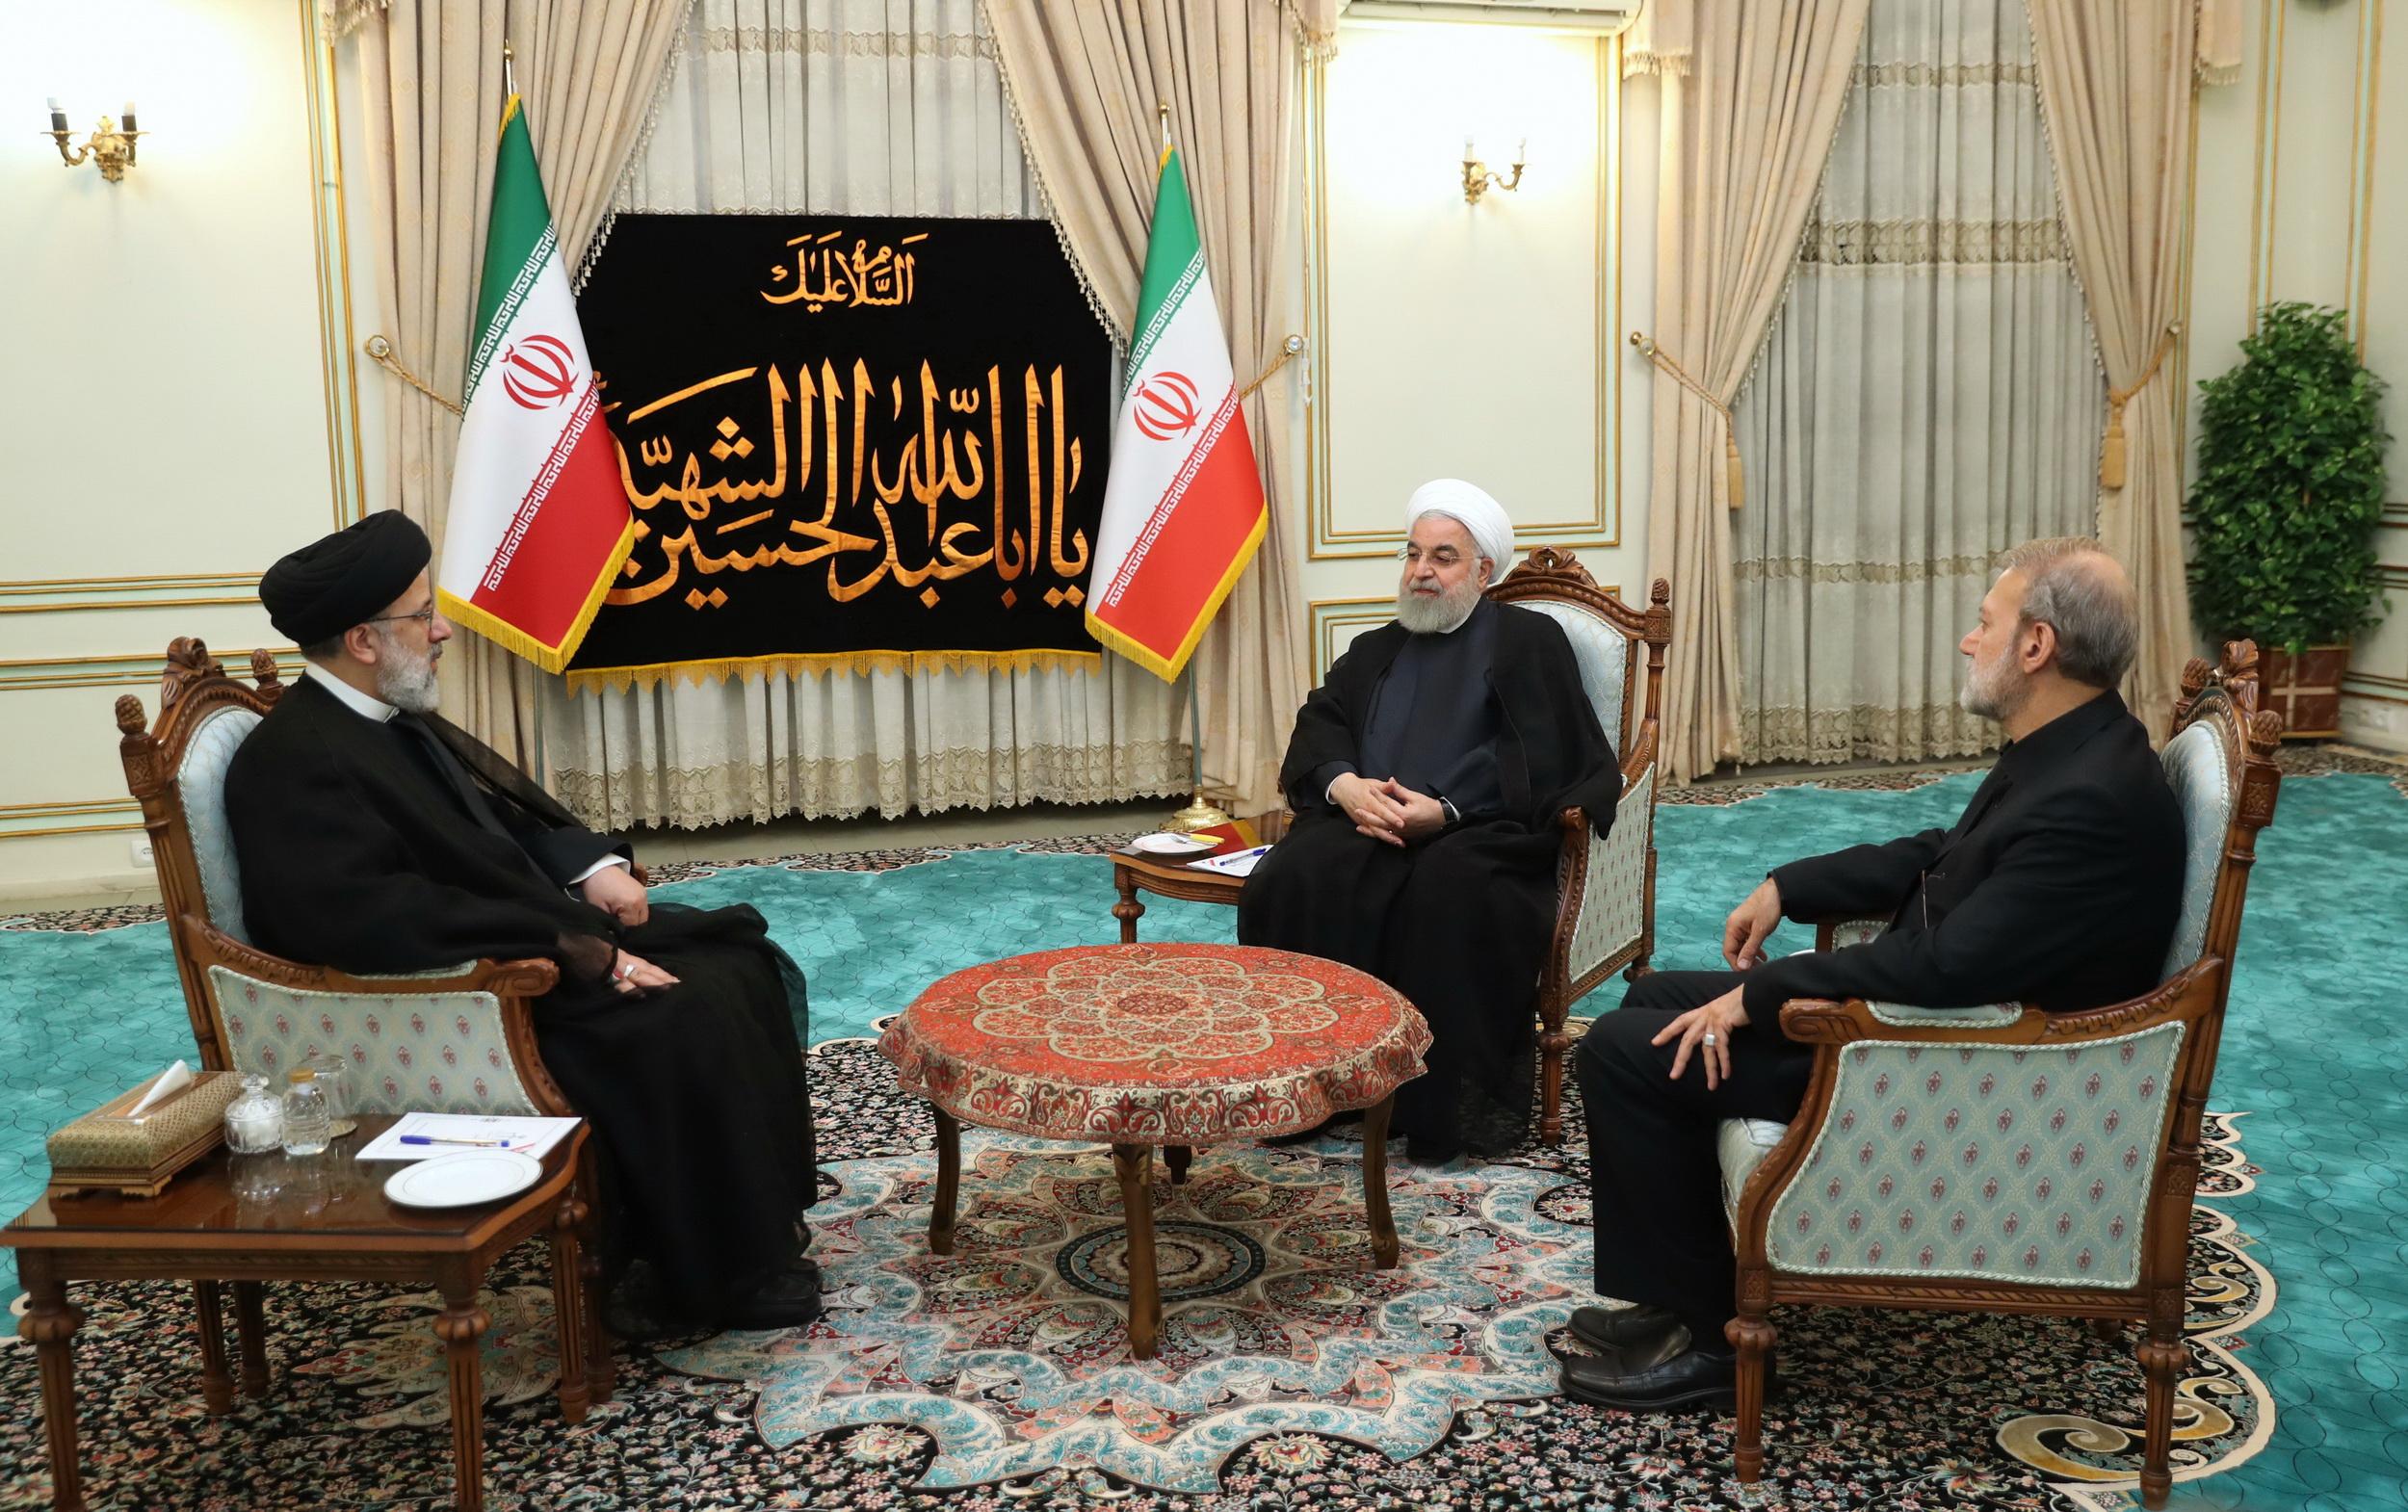 آغاز گام سوم کاهش تعهدات برجامی ایران از روز جمعه/ تحقیق و توسعه فناوری هستهای بدون محدودیت در دستور کار